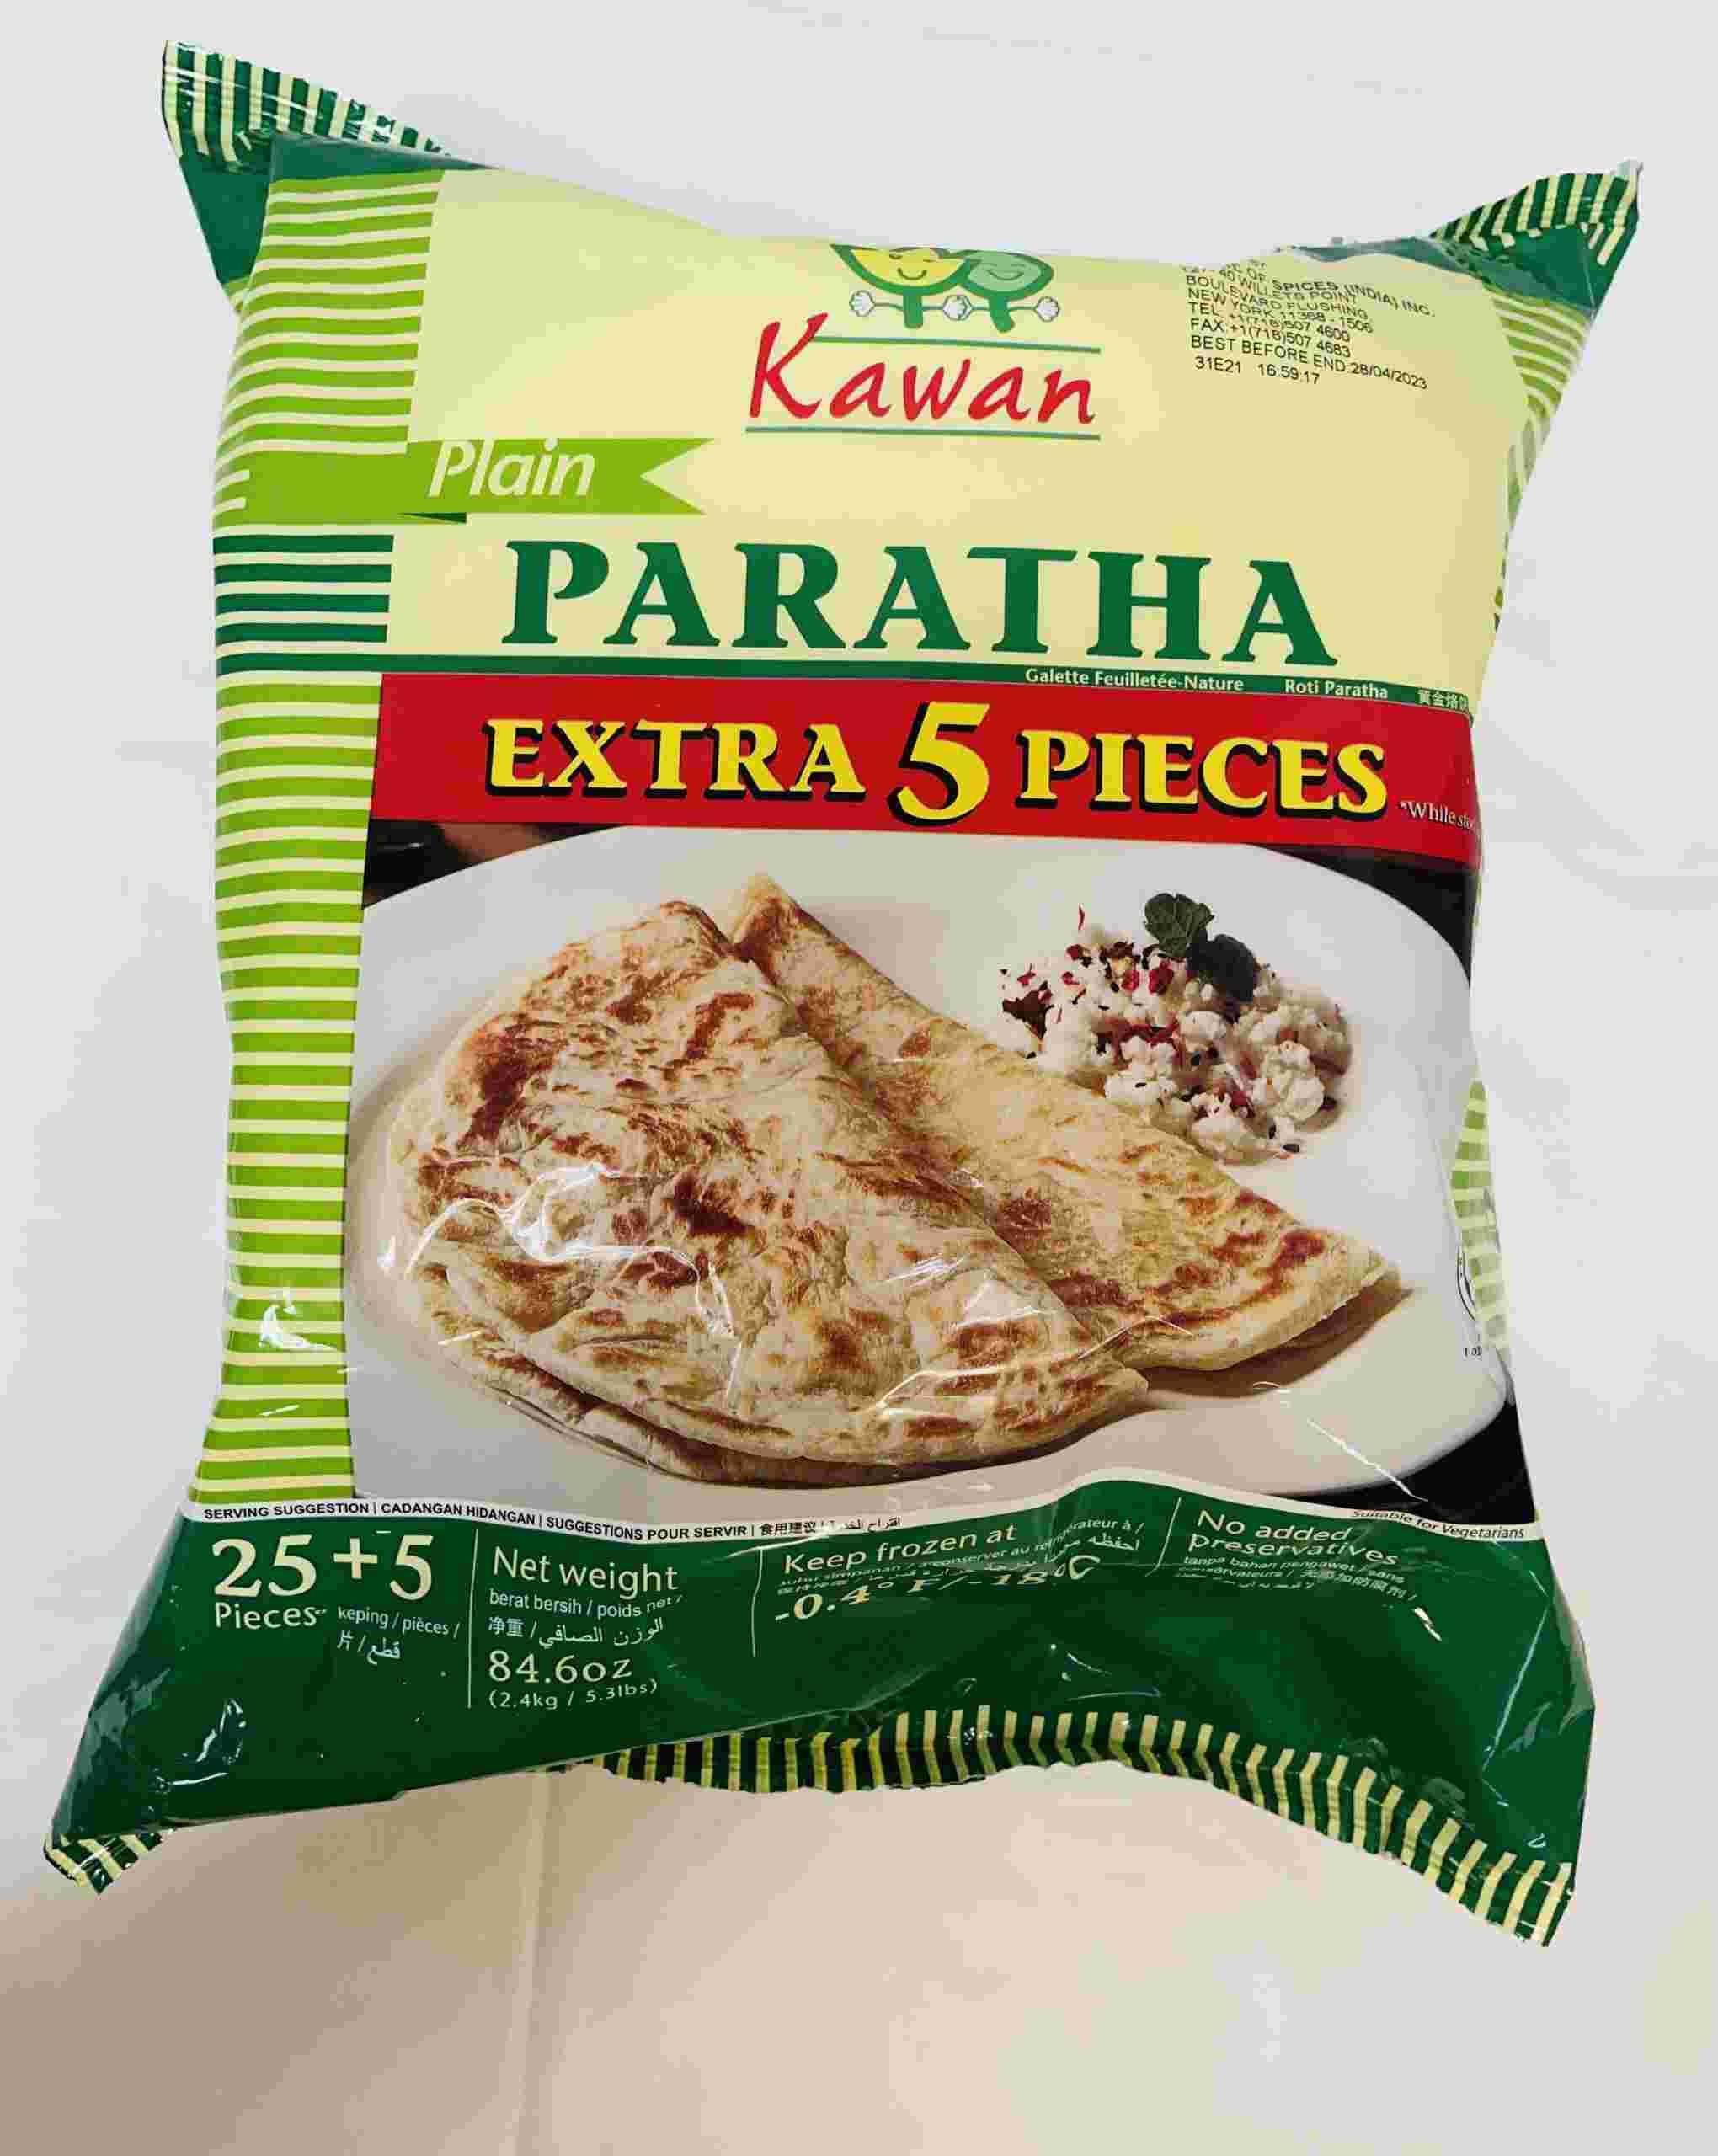 Kawan Plain Paratha 25 Pices